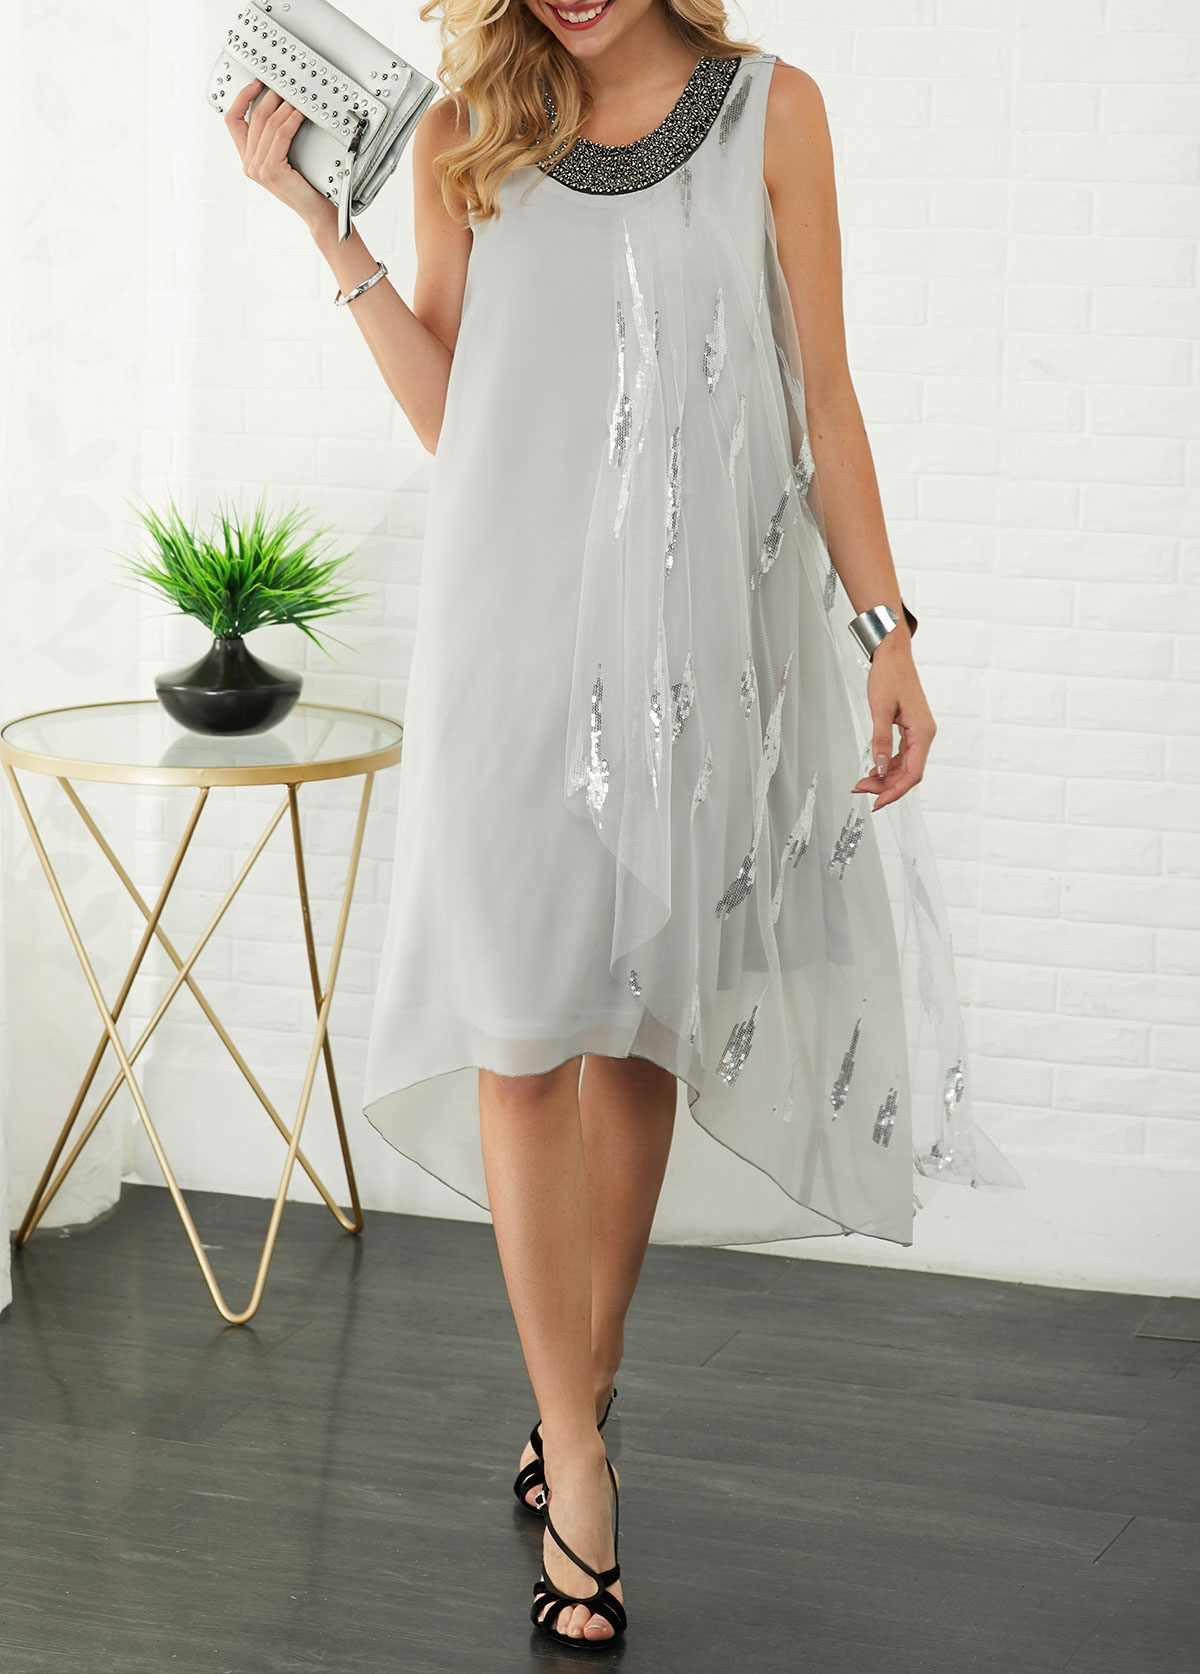 Sequin Embellished Sleeveless Round Neck Dress